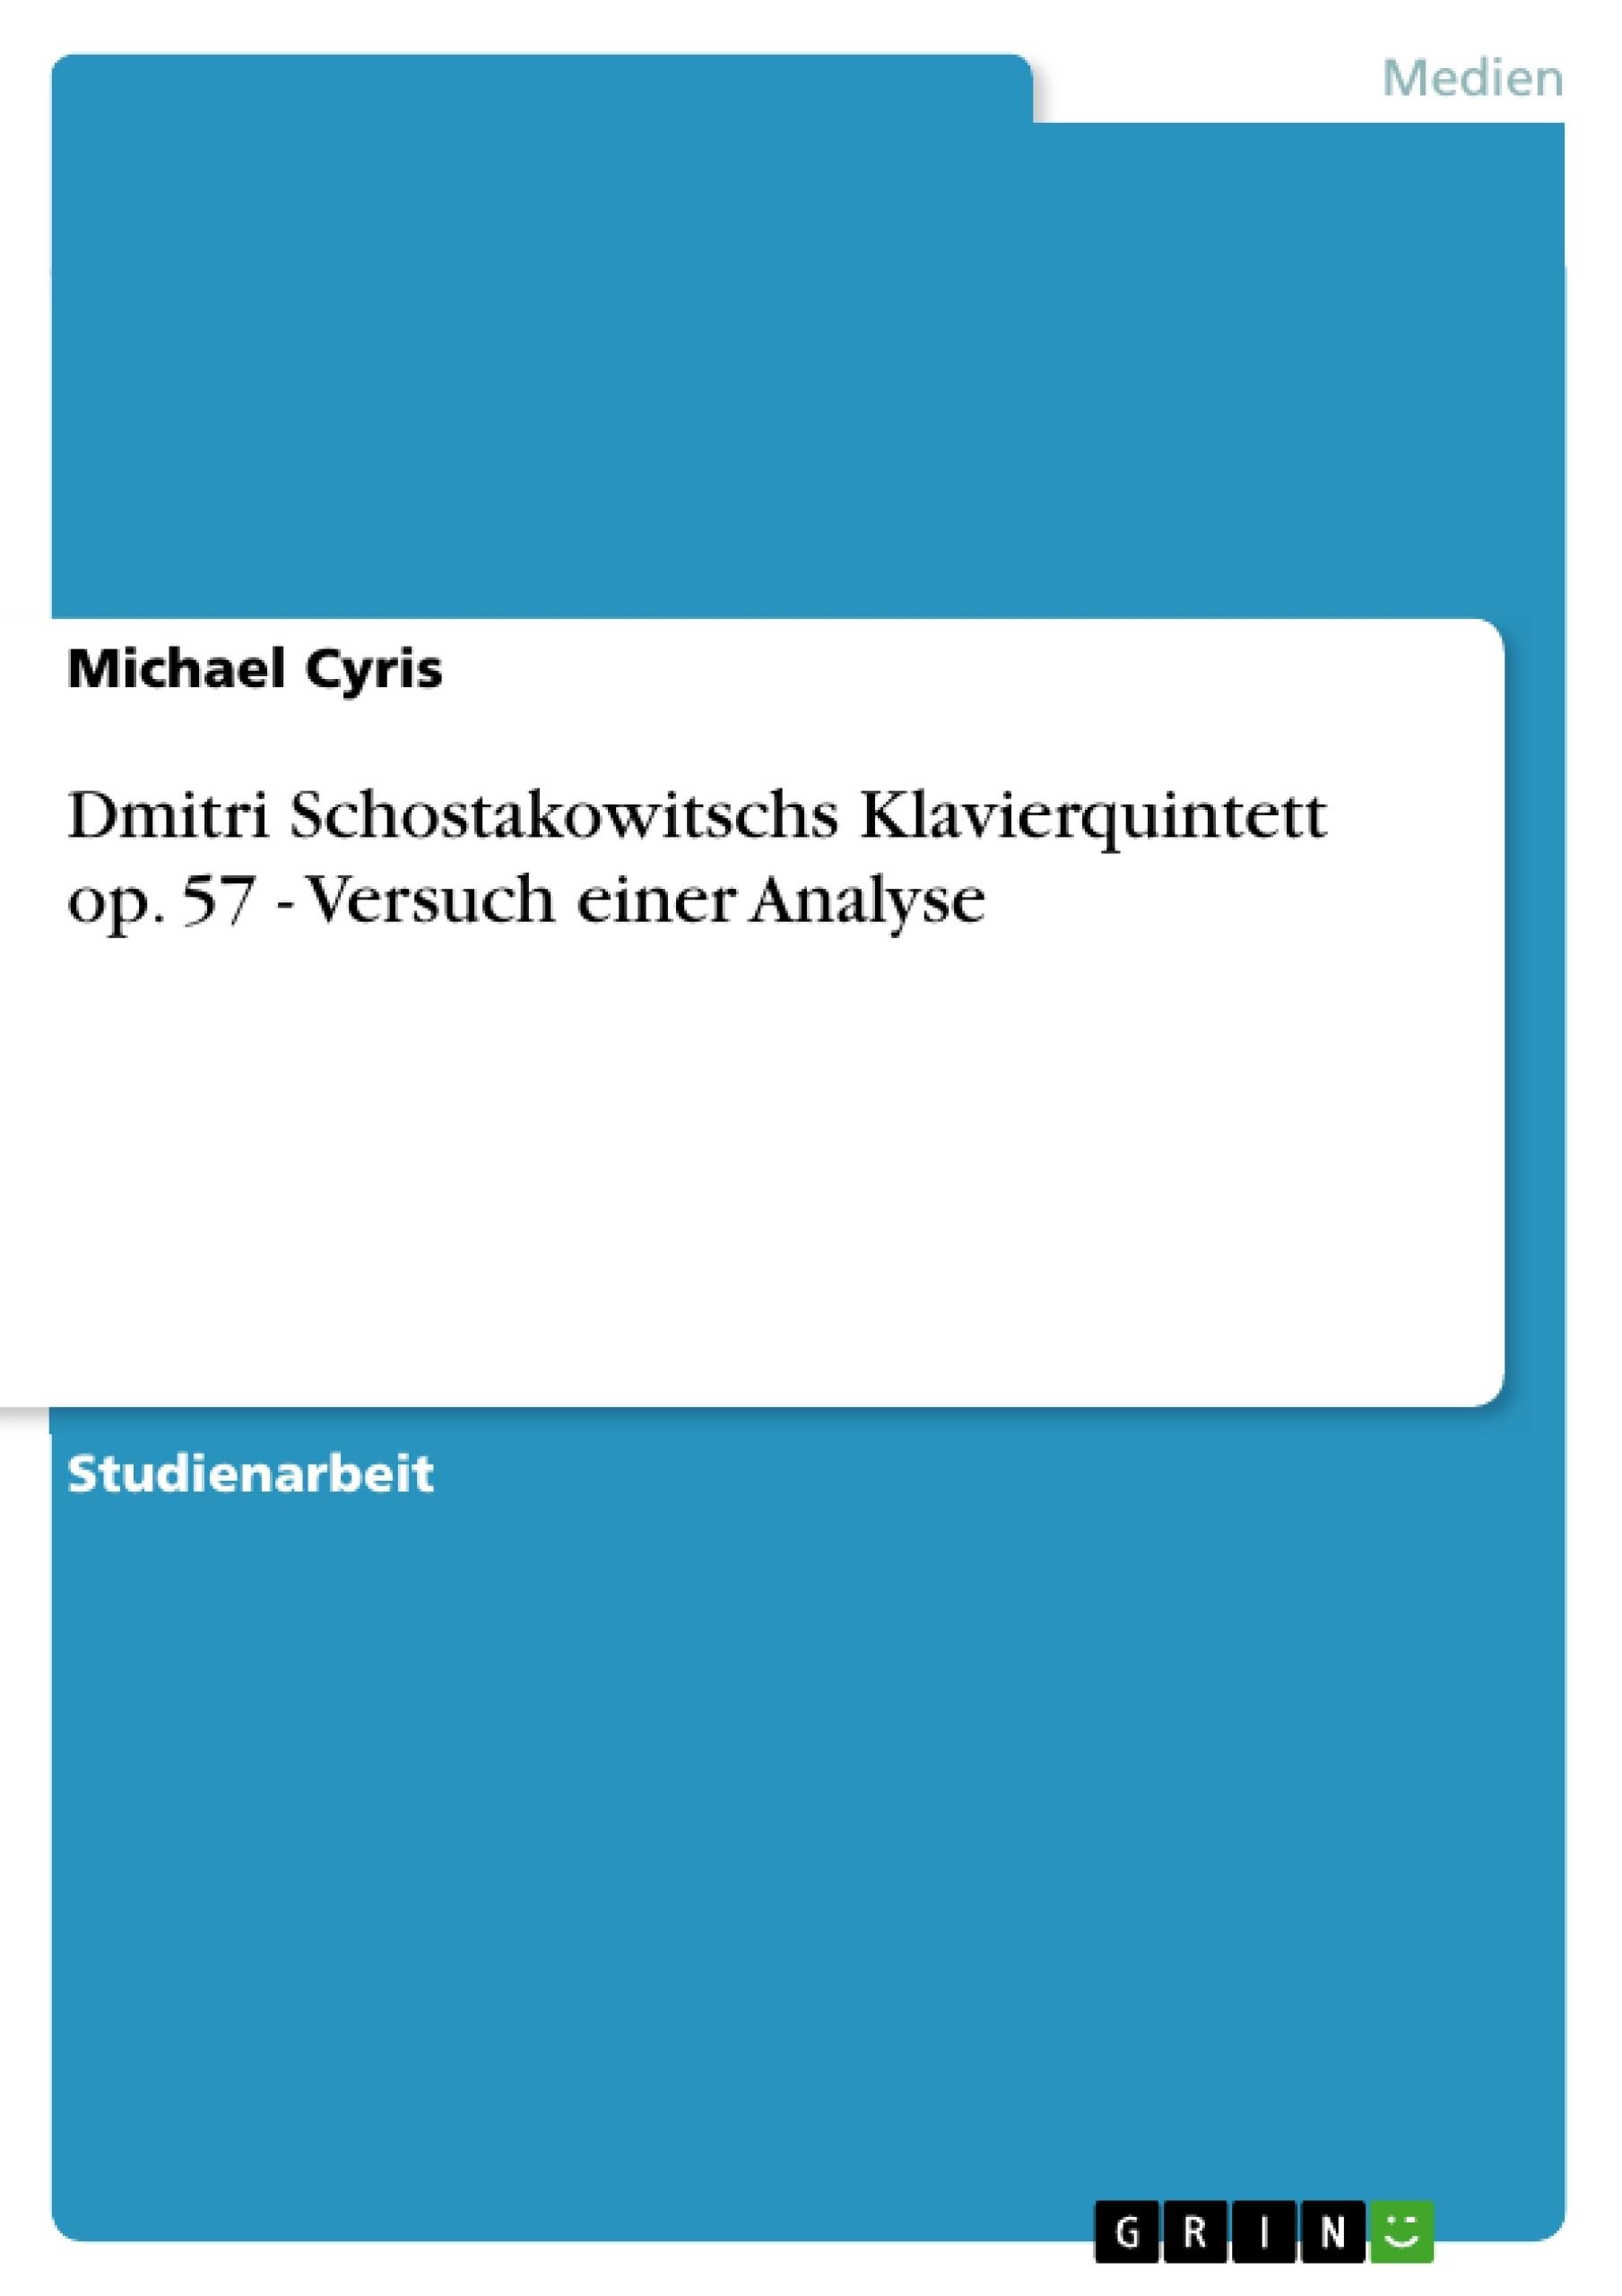 Titel: Dmitri Schostakowitschs Klavierquintett op. 57 - Versuch einer Analyse